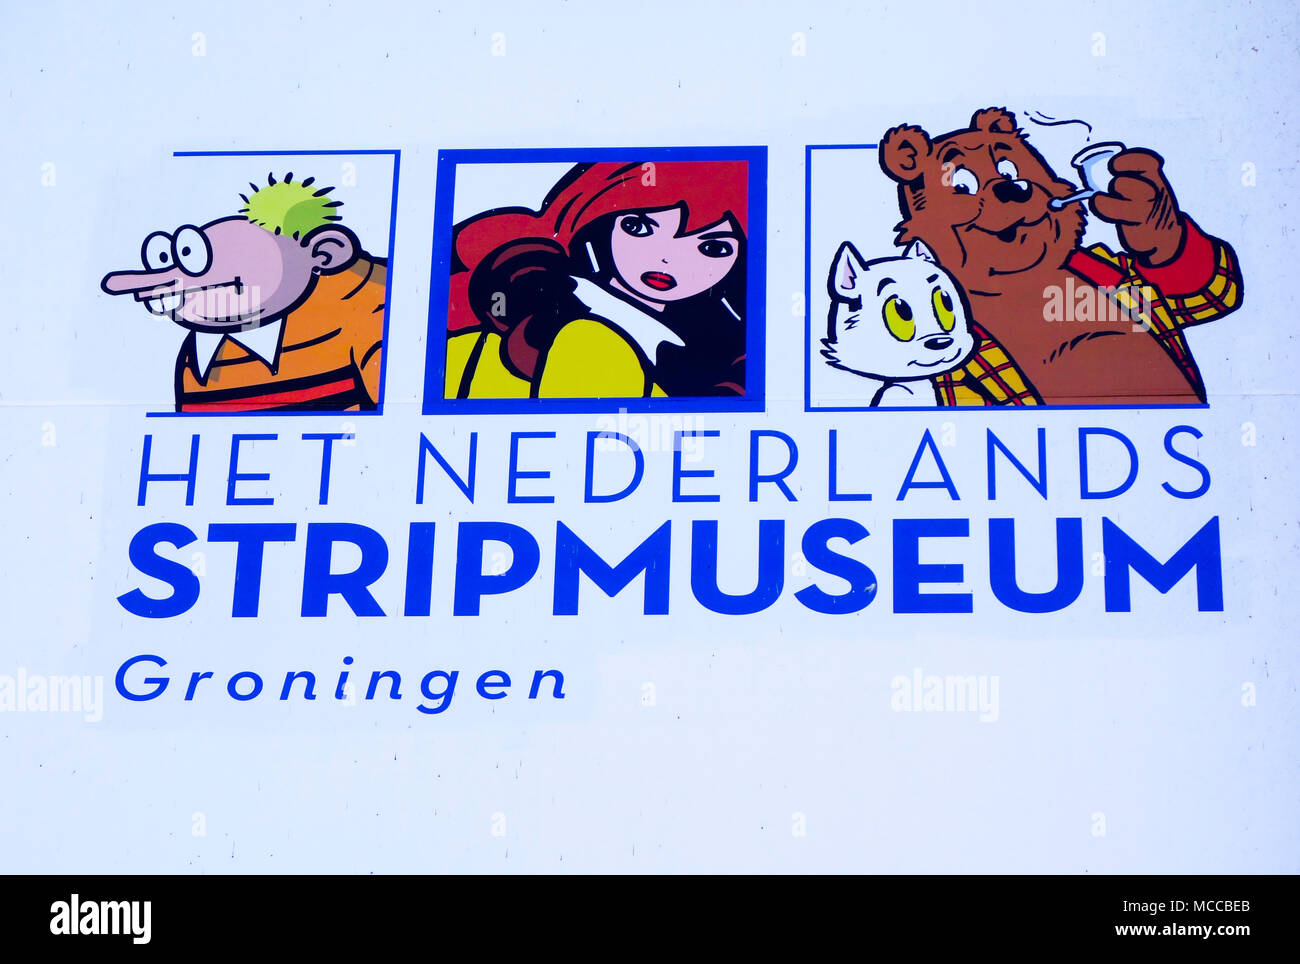 Het Nederlands Stripmuseum, (der Cartoon/Comic Museum) Groningen, Niederlande Stockbild